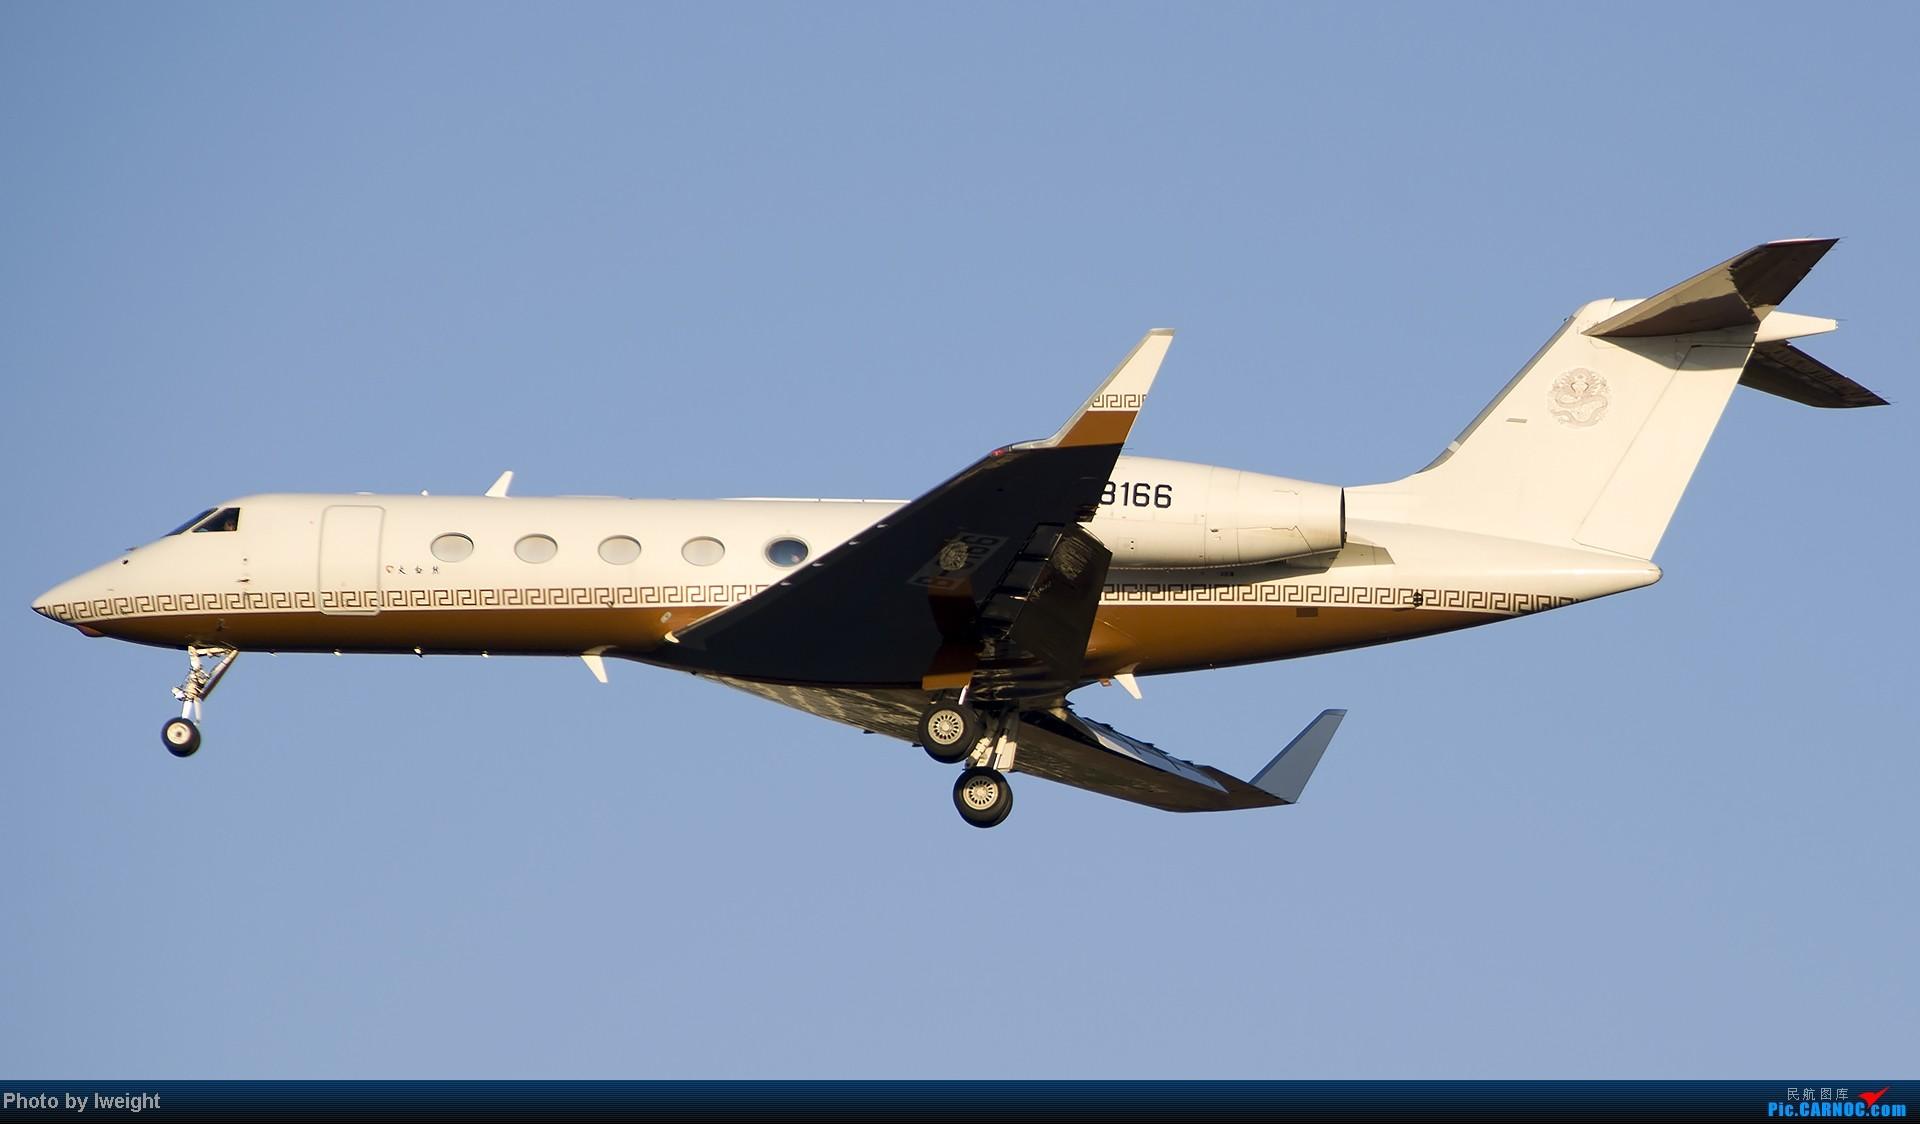 Re:[原创]抓住APEC蓝的尾巴,再拍上一组 GULFSTREAM G450 B-8166 中国北京首都机场